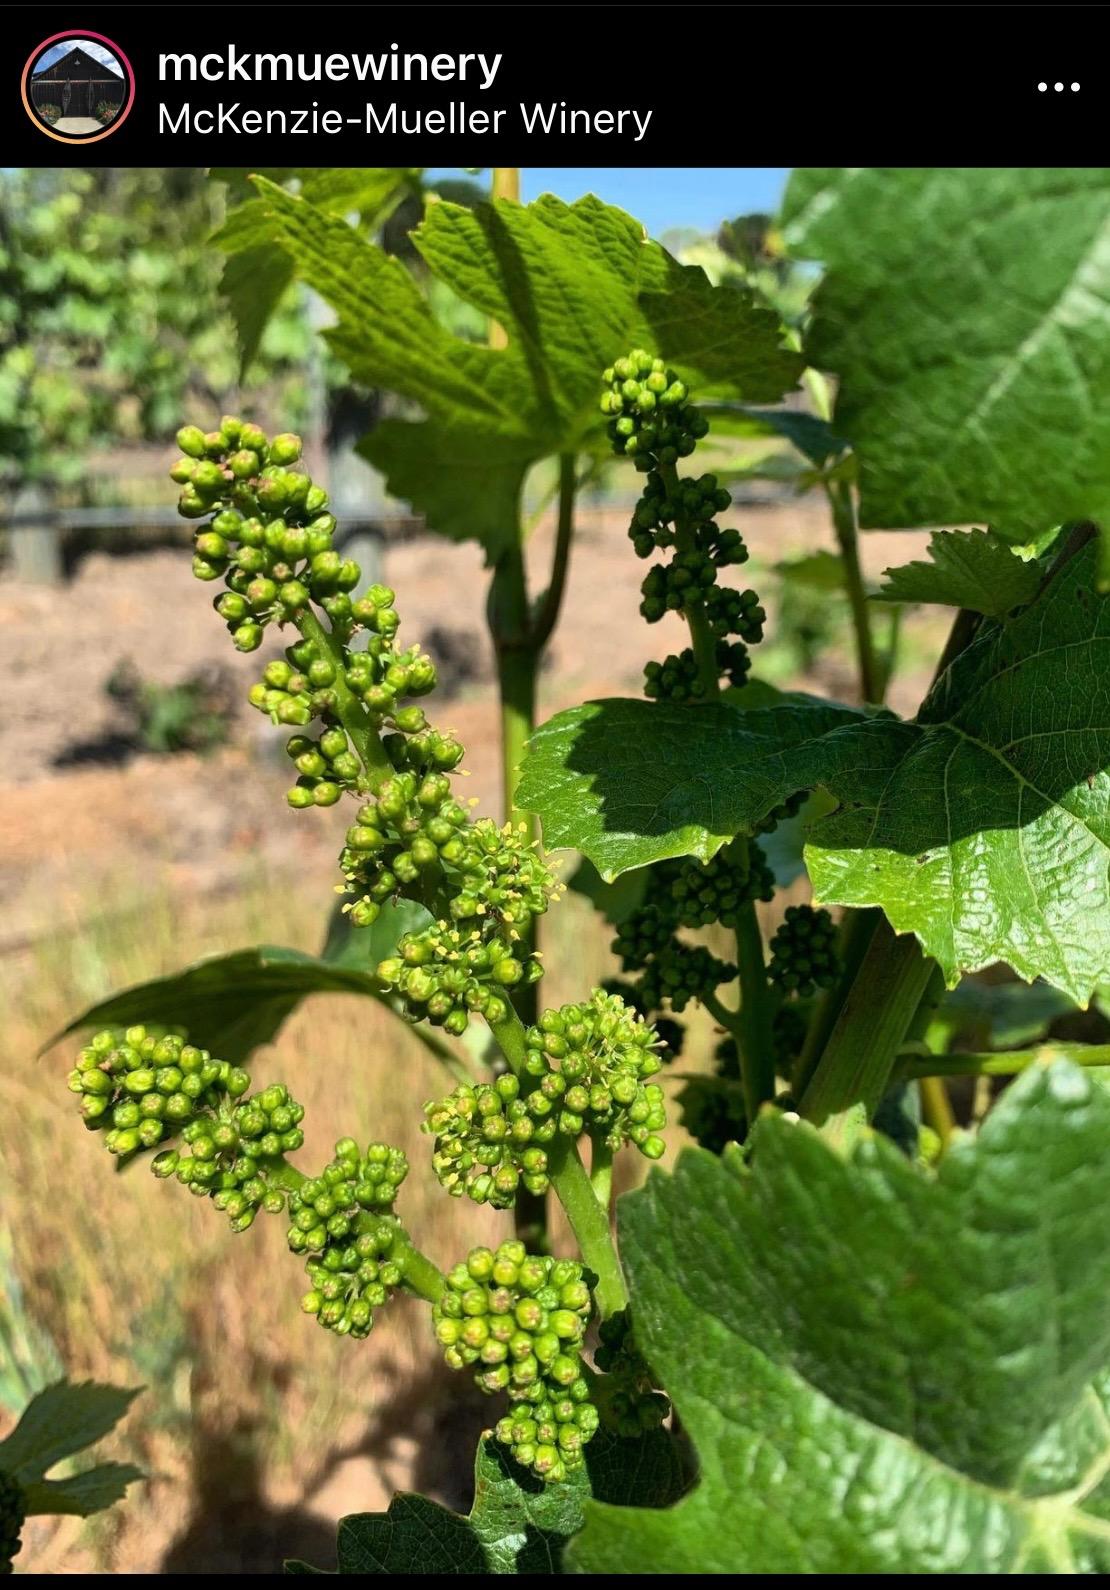 """We have """"bloom"""" in Carneros at McKenzie-Mueller Winery"""